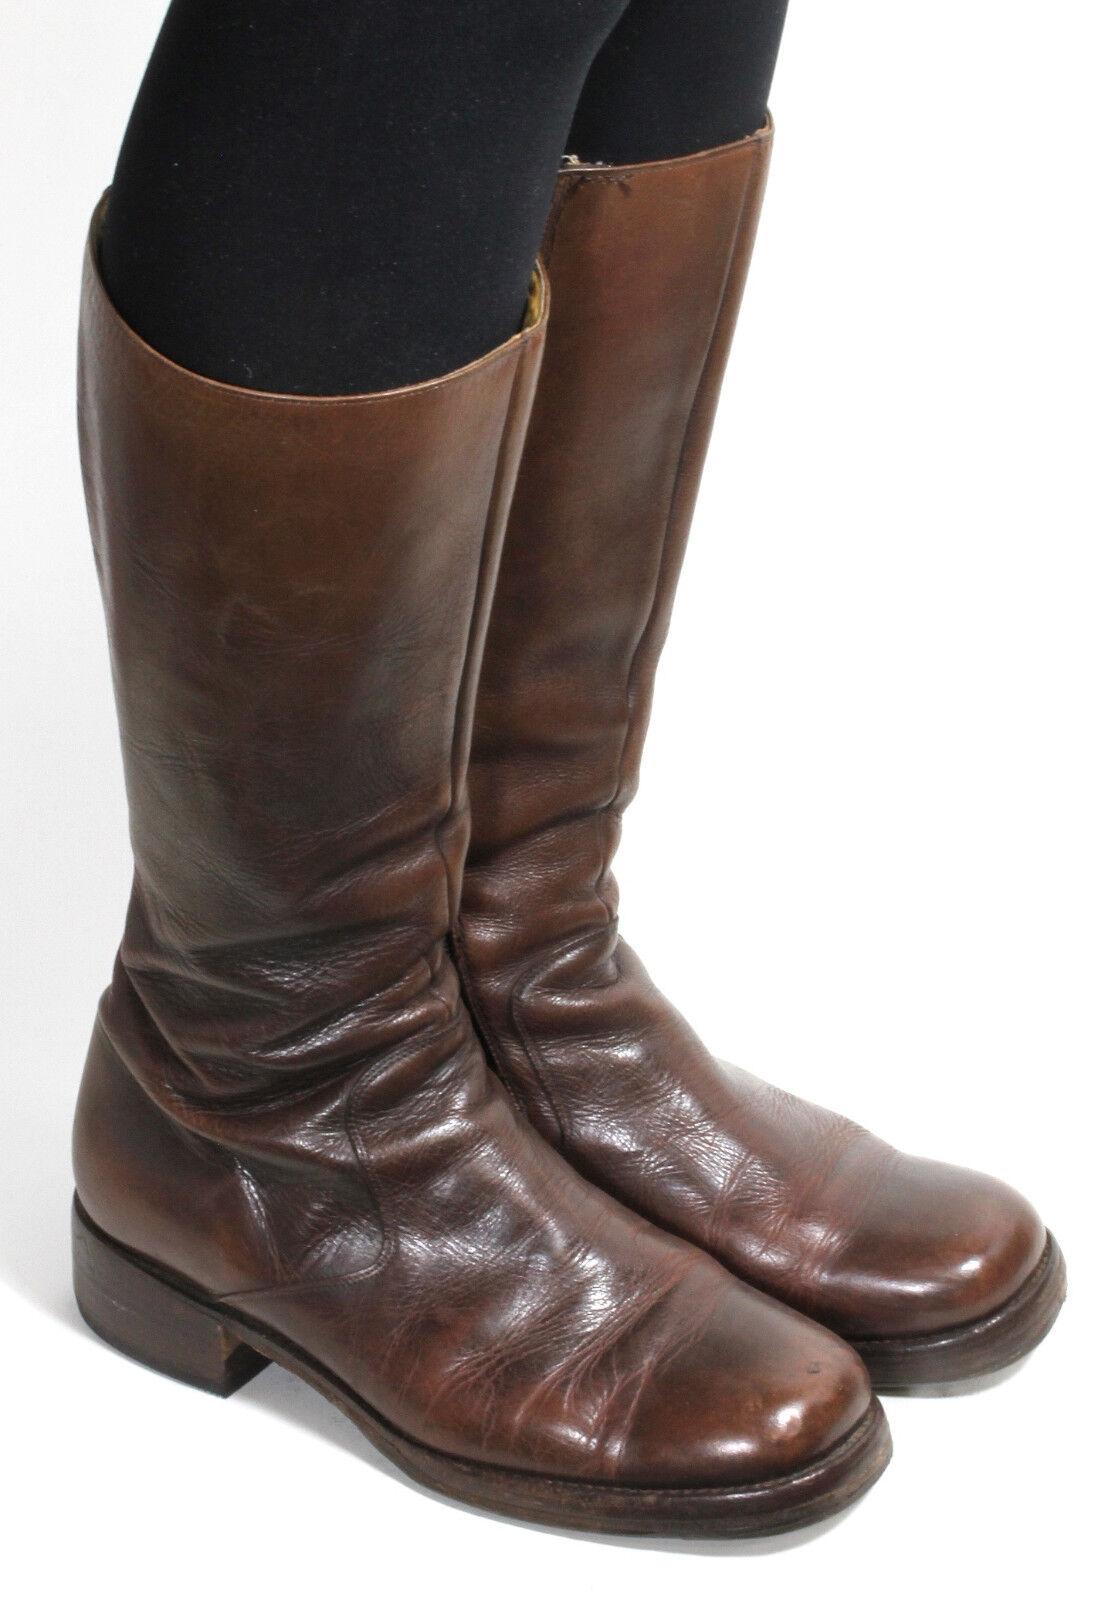 Western Bottes Bottes De Cowboy catalan Style Line Dance Texas bottes SANCHO 40